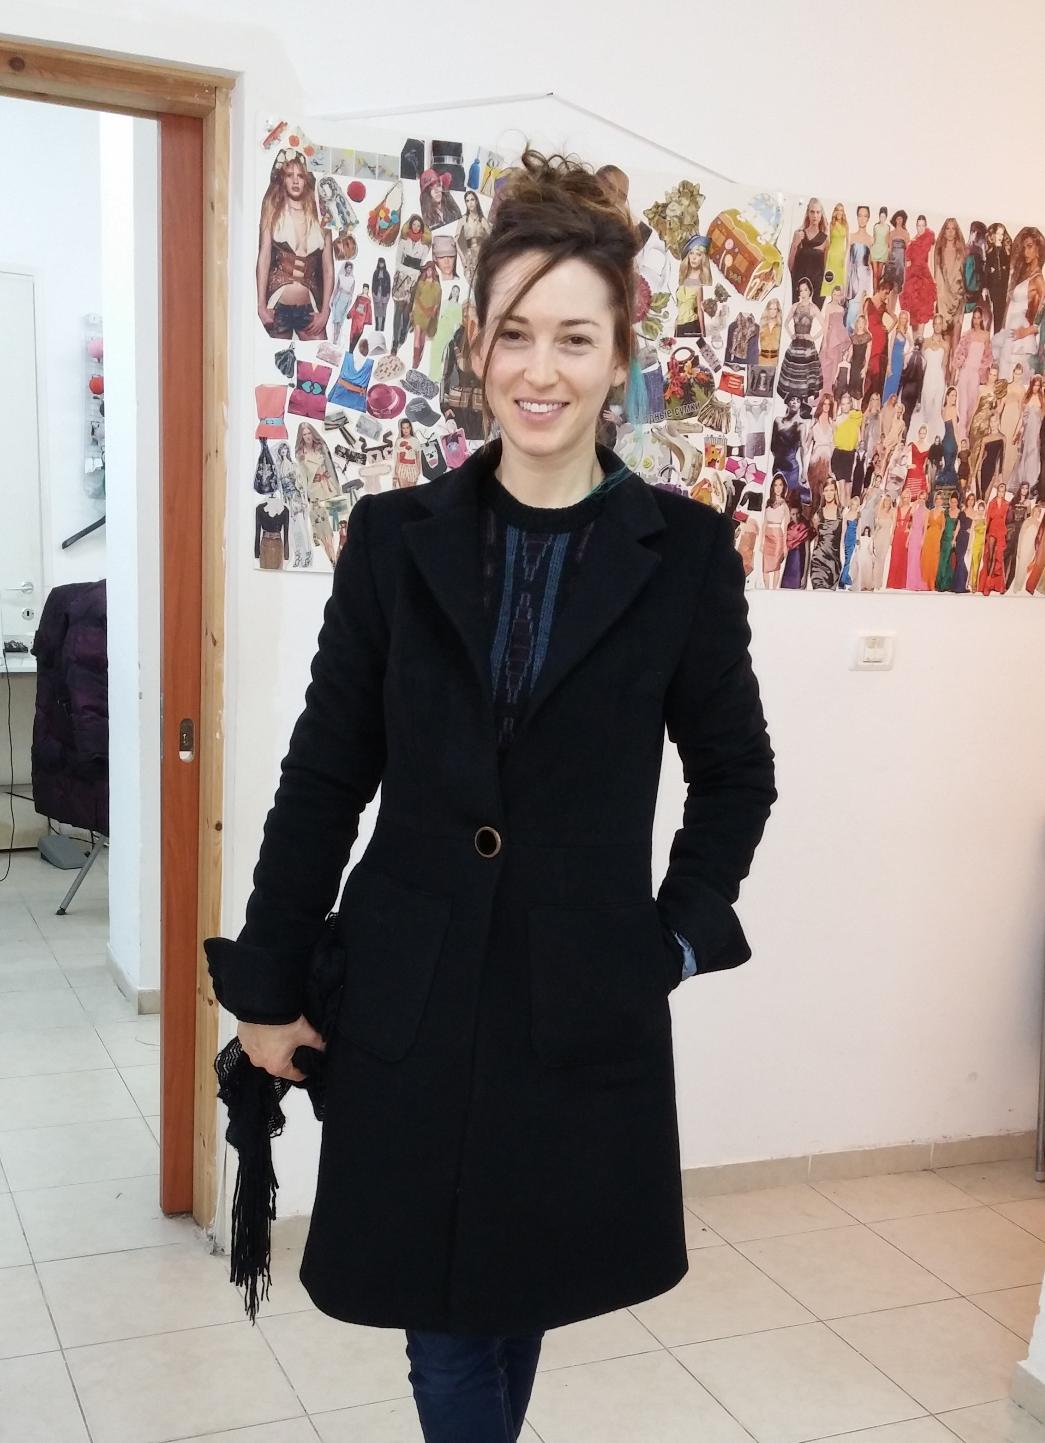 איילה במעיל בעיצובה